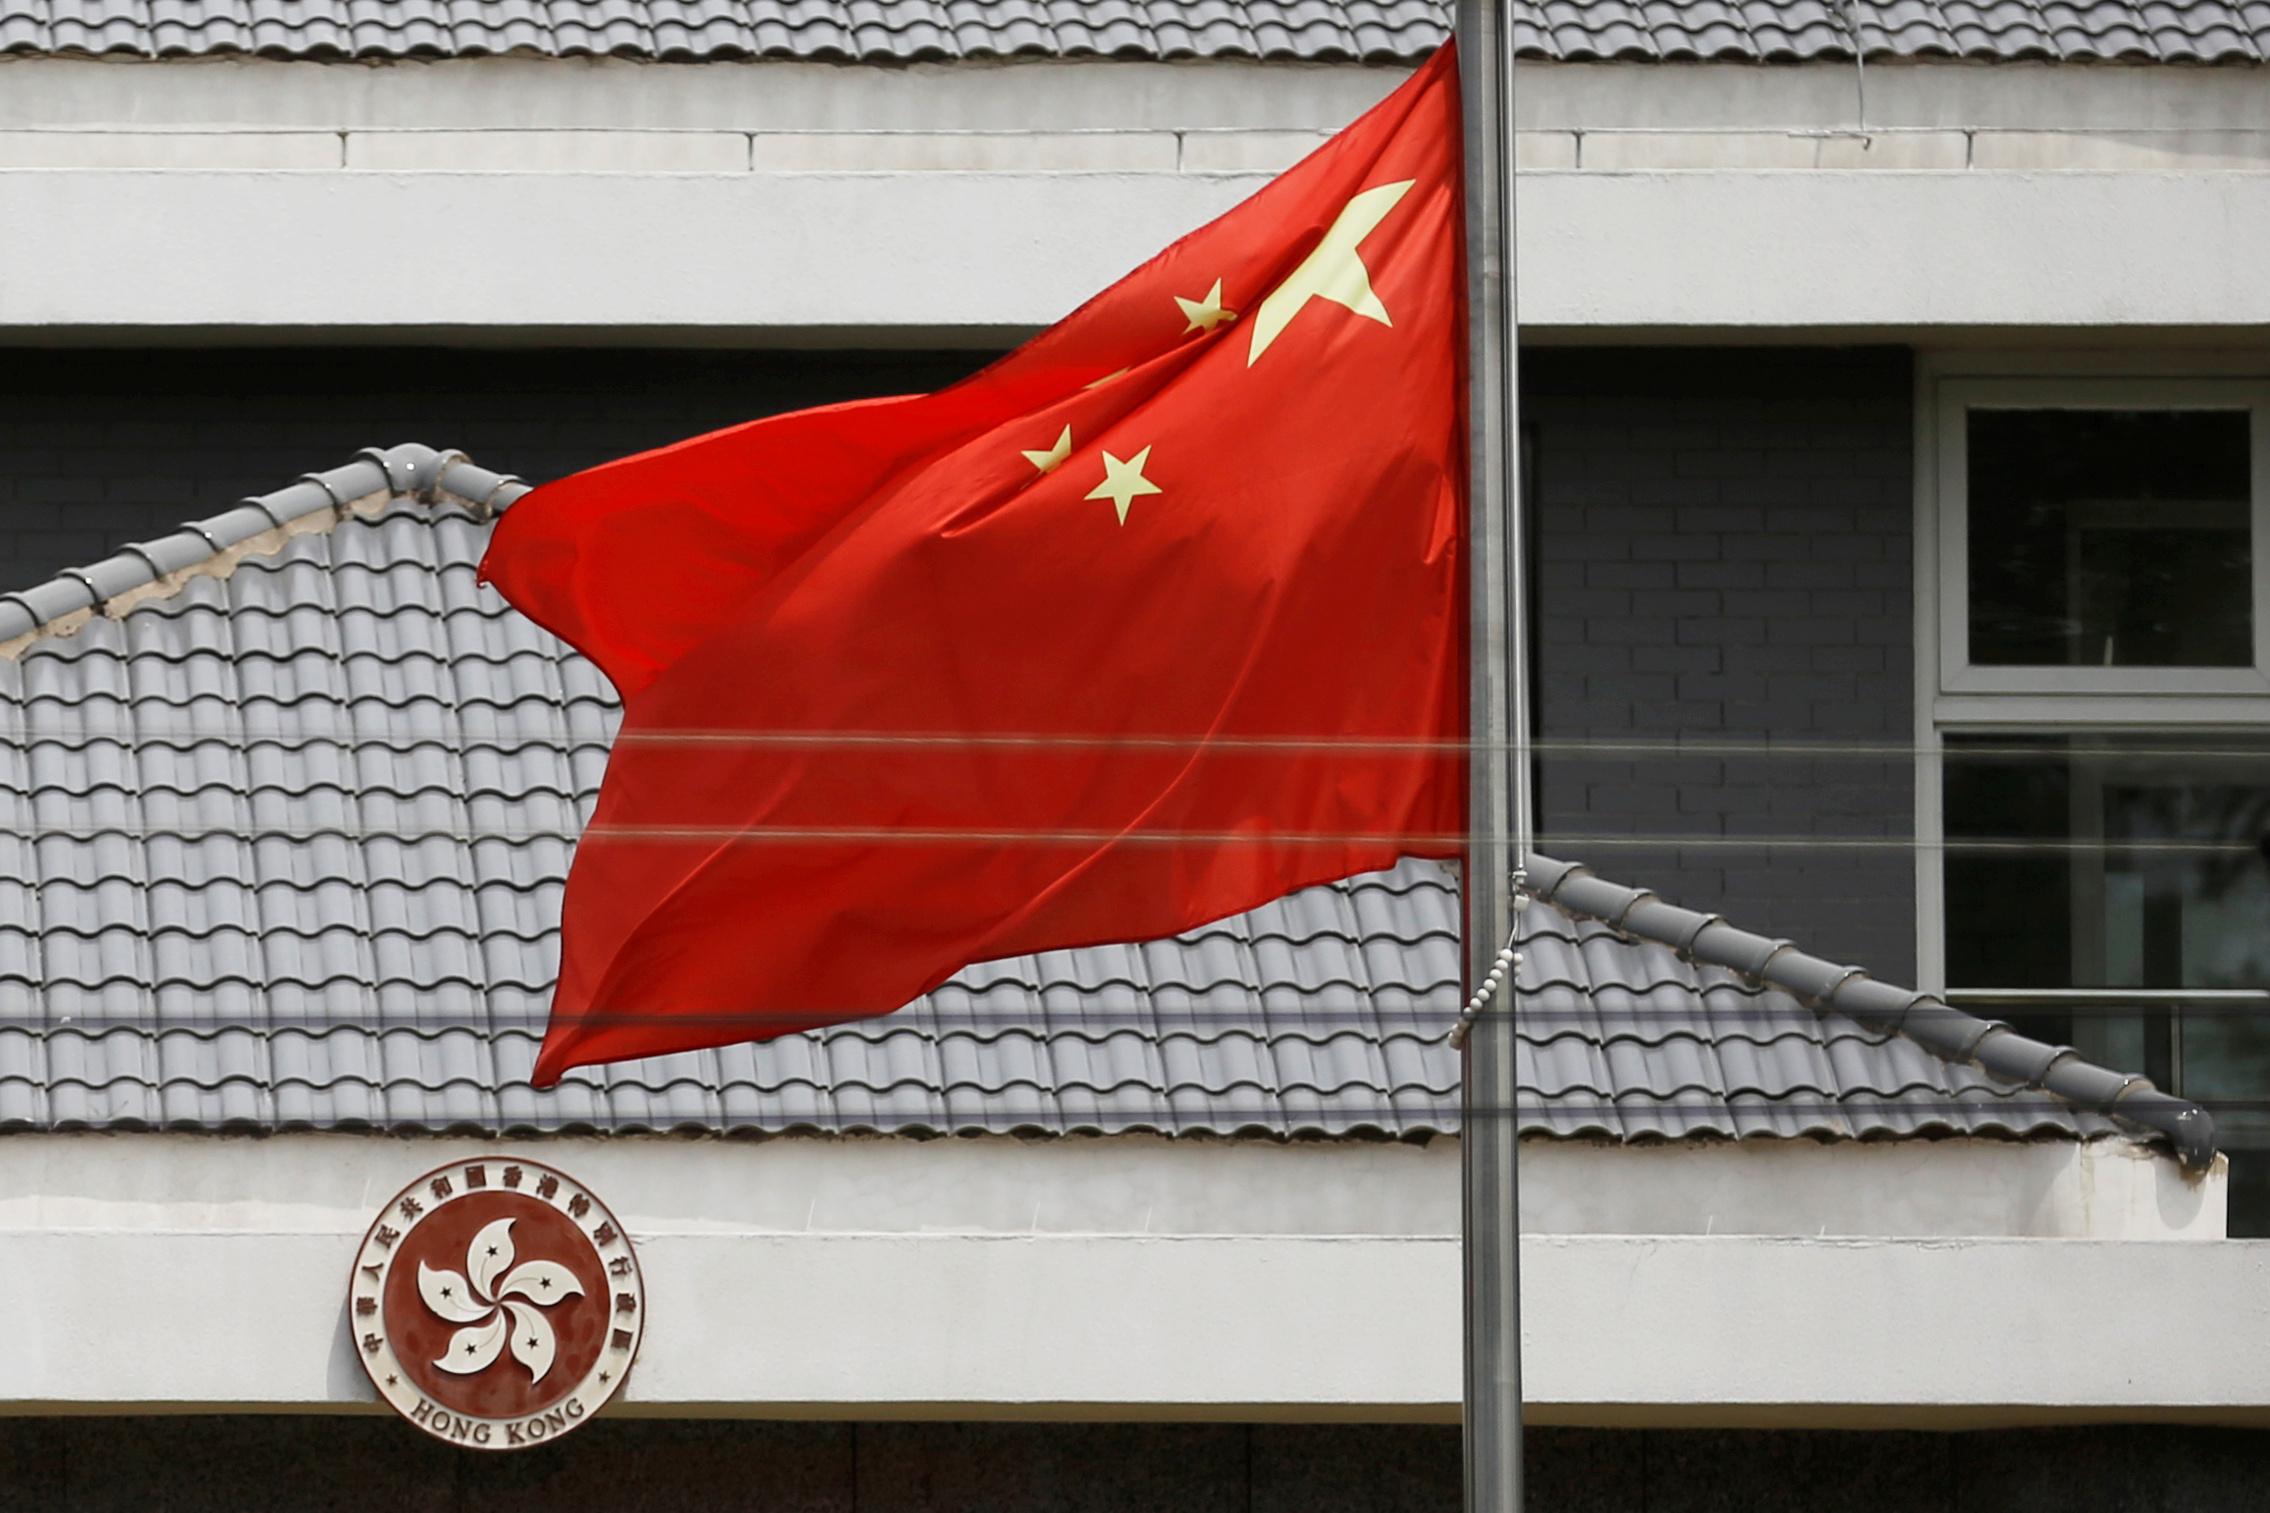 Κίνα: Περνά στην αντεπίθεση – Κατηγορεί τους Ευρωπαίους για  «υποκρισία και εκφοβισμό»